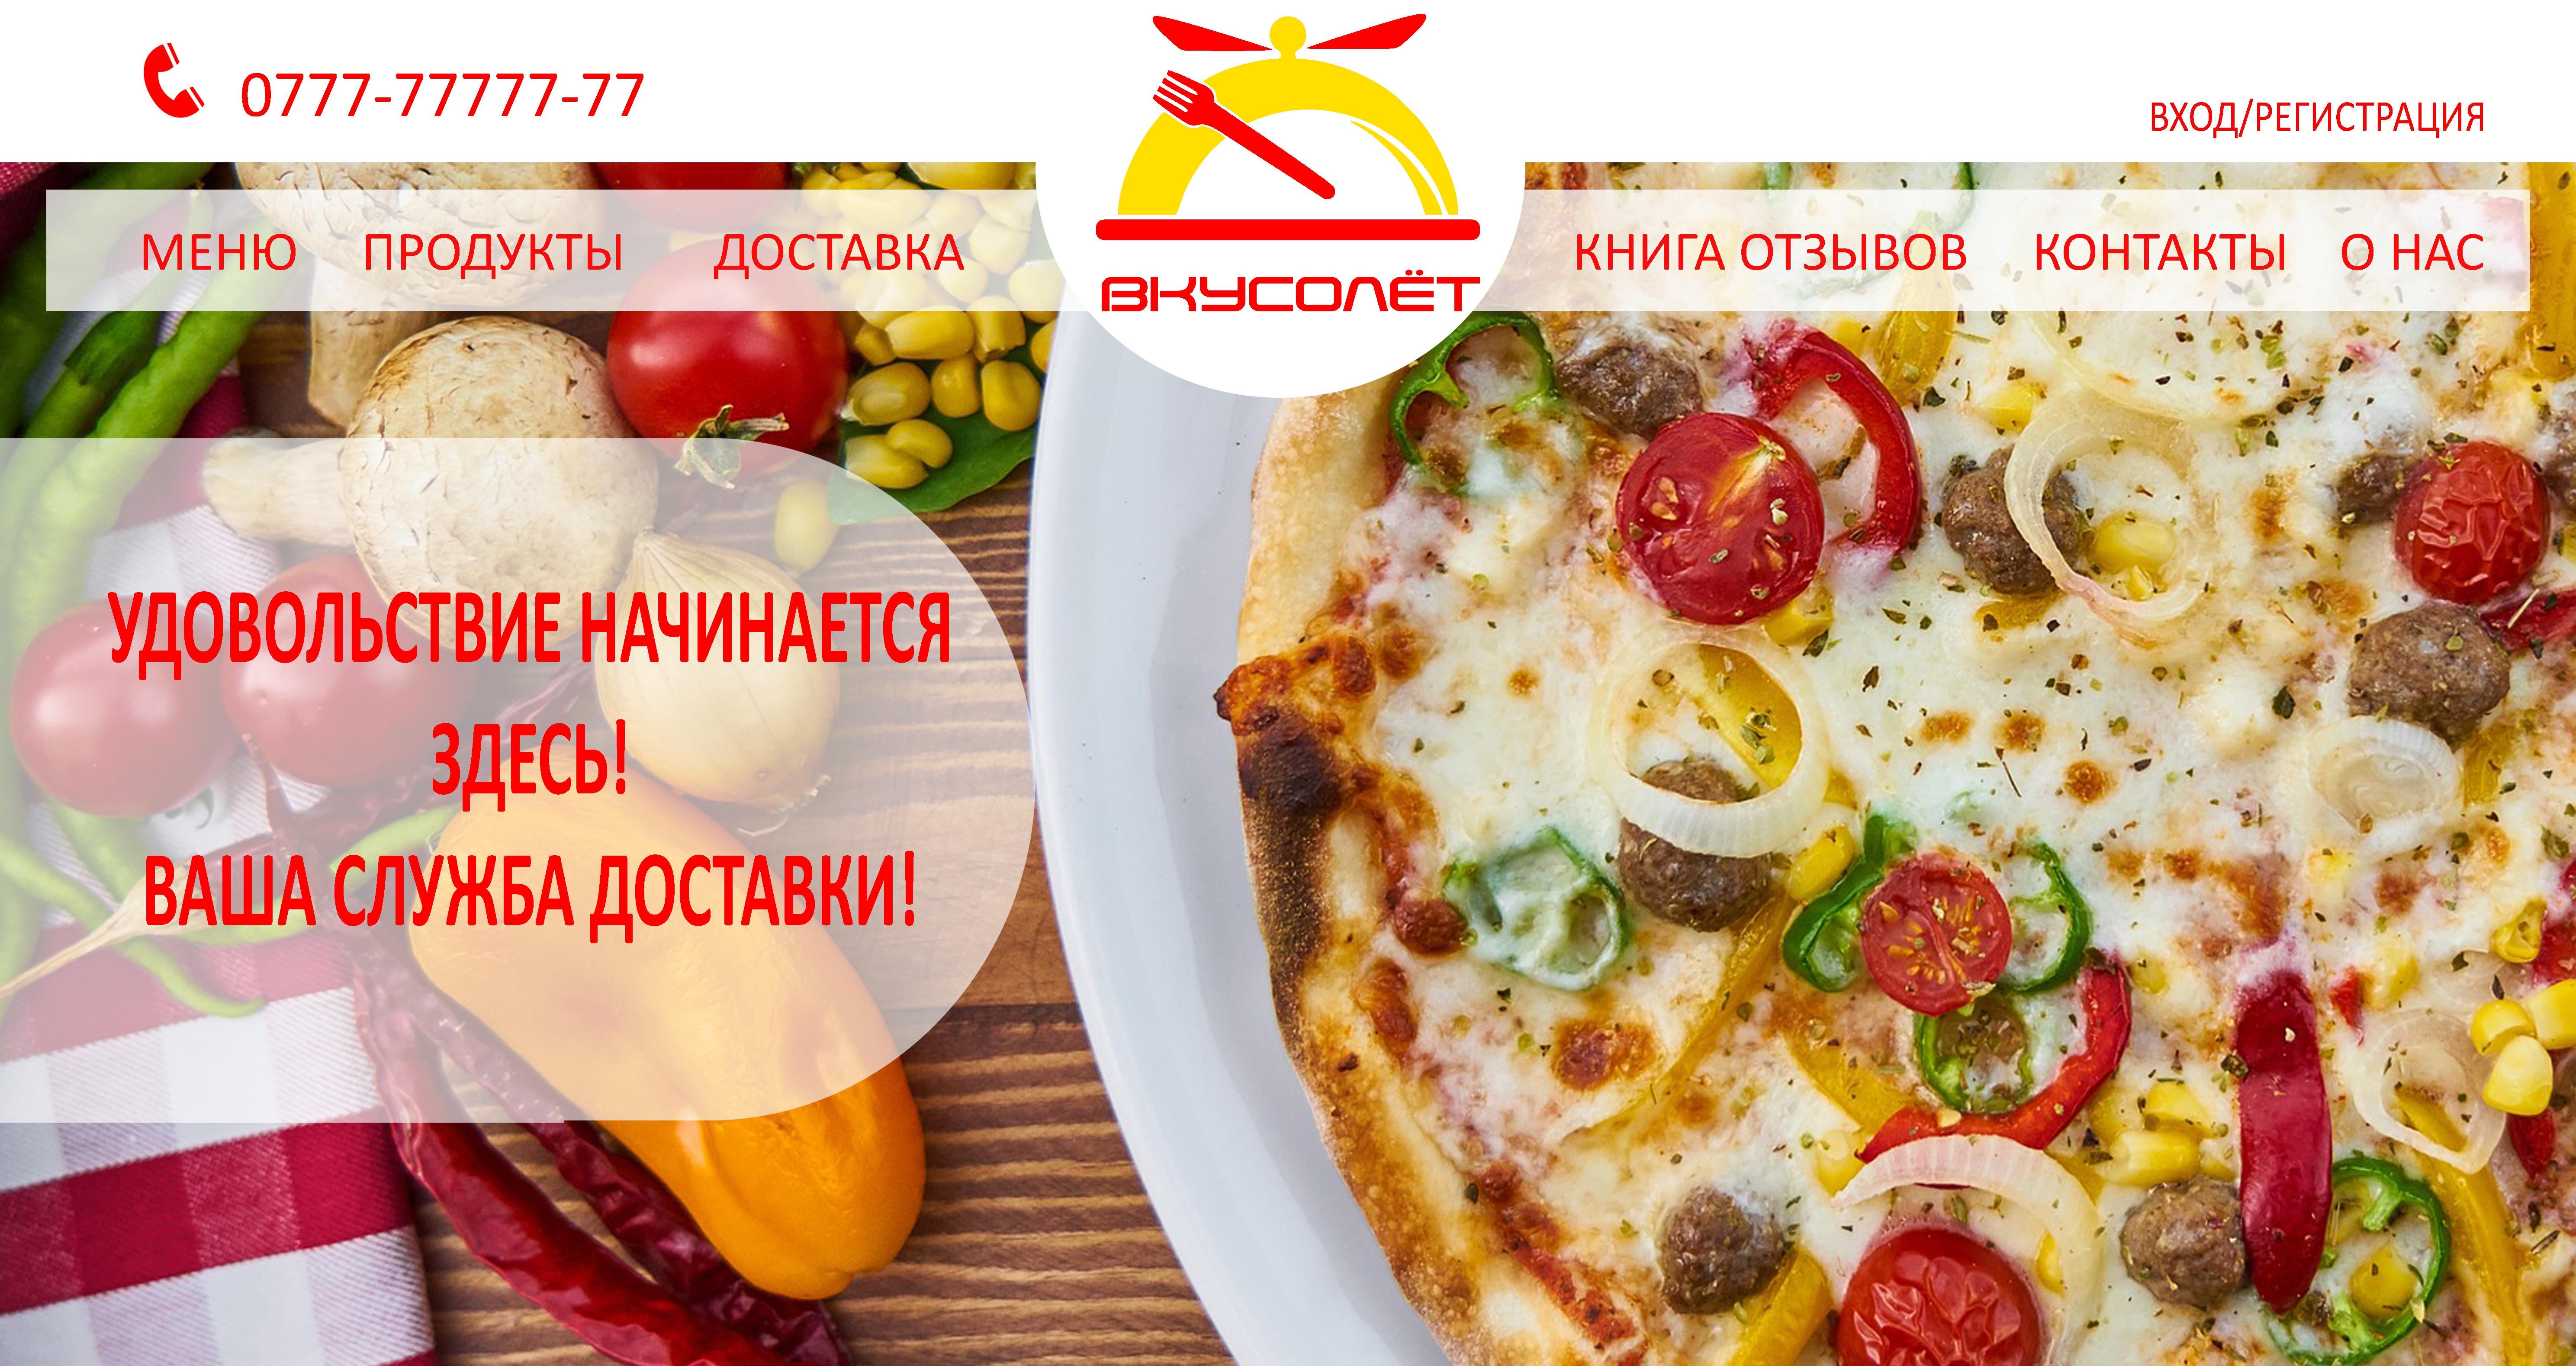 Логотип для доставки еды фото f_41459db1b8beb36f.jpg